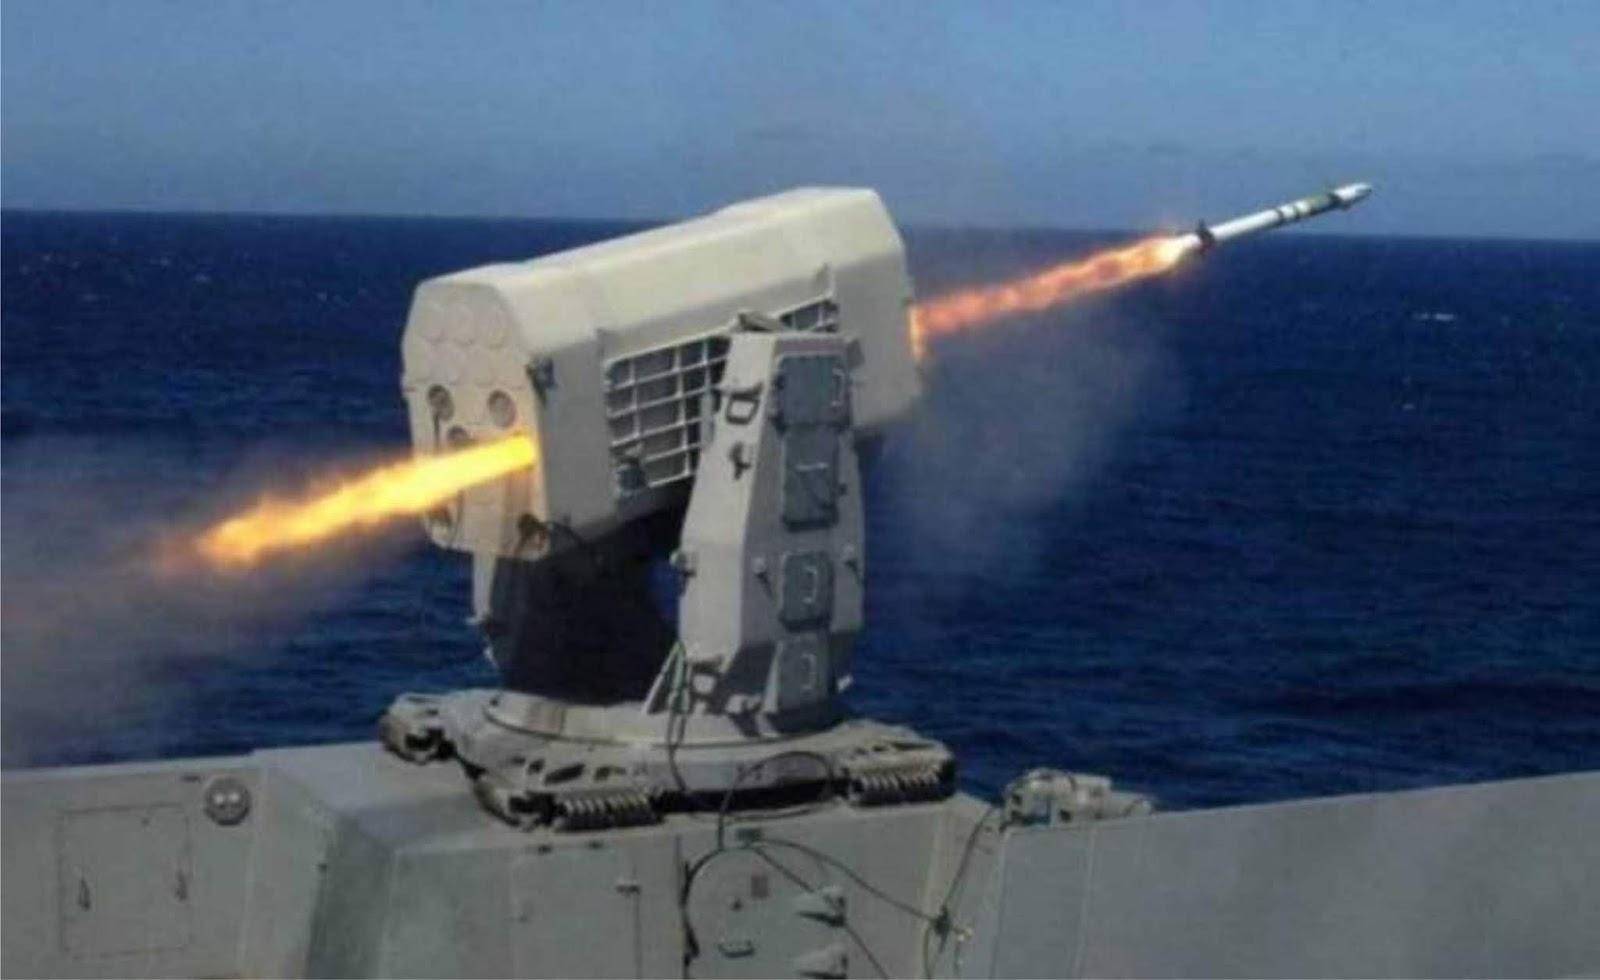 Jerman akan memasok sistem anti-pesawat Qatar